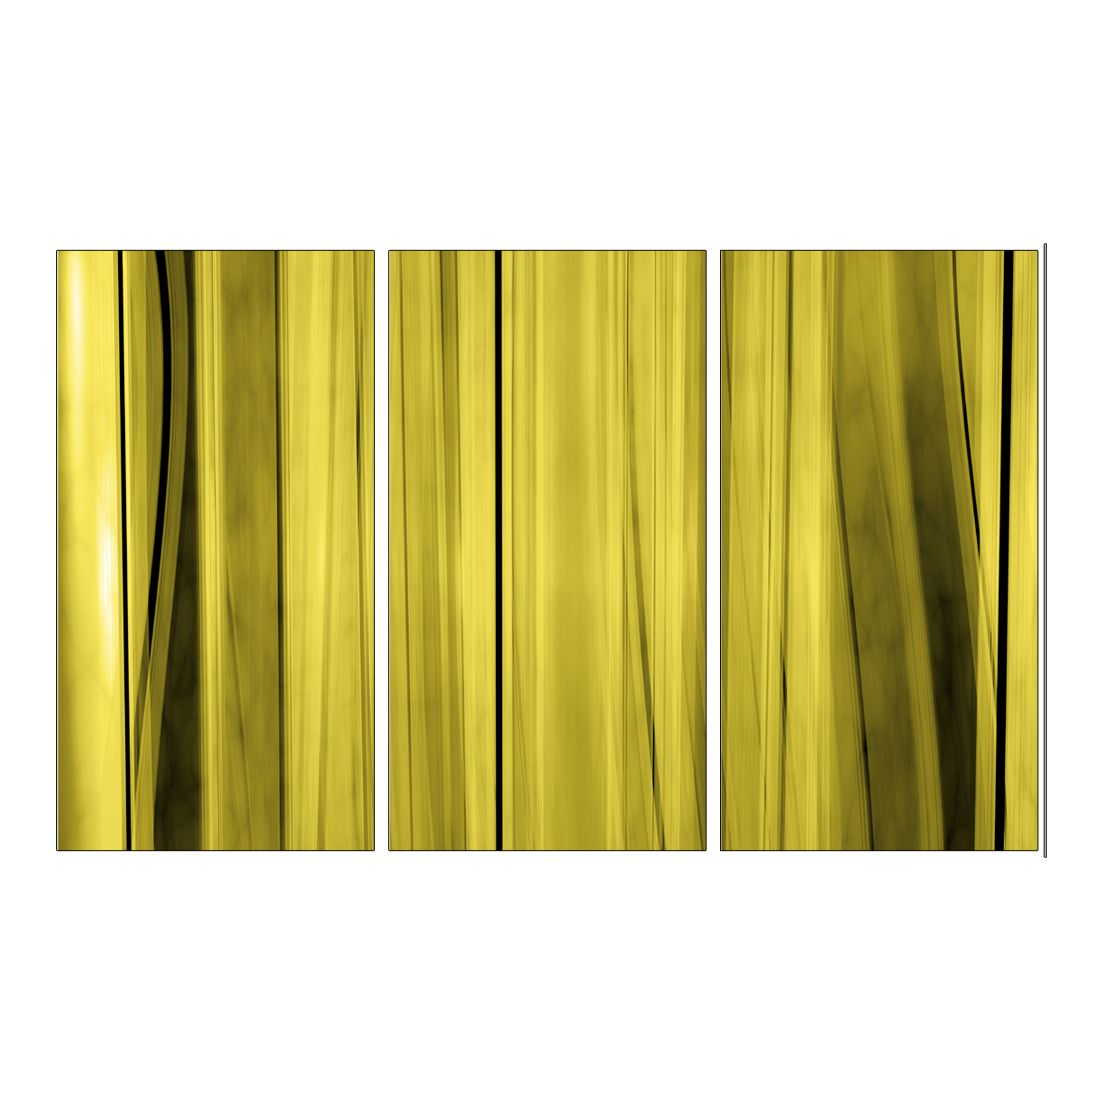 Leinwandbild Gelber Vorhang – 120 x 80cm, Gallery of Innovative Art günstig online kaufen